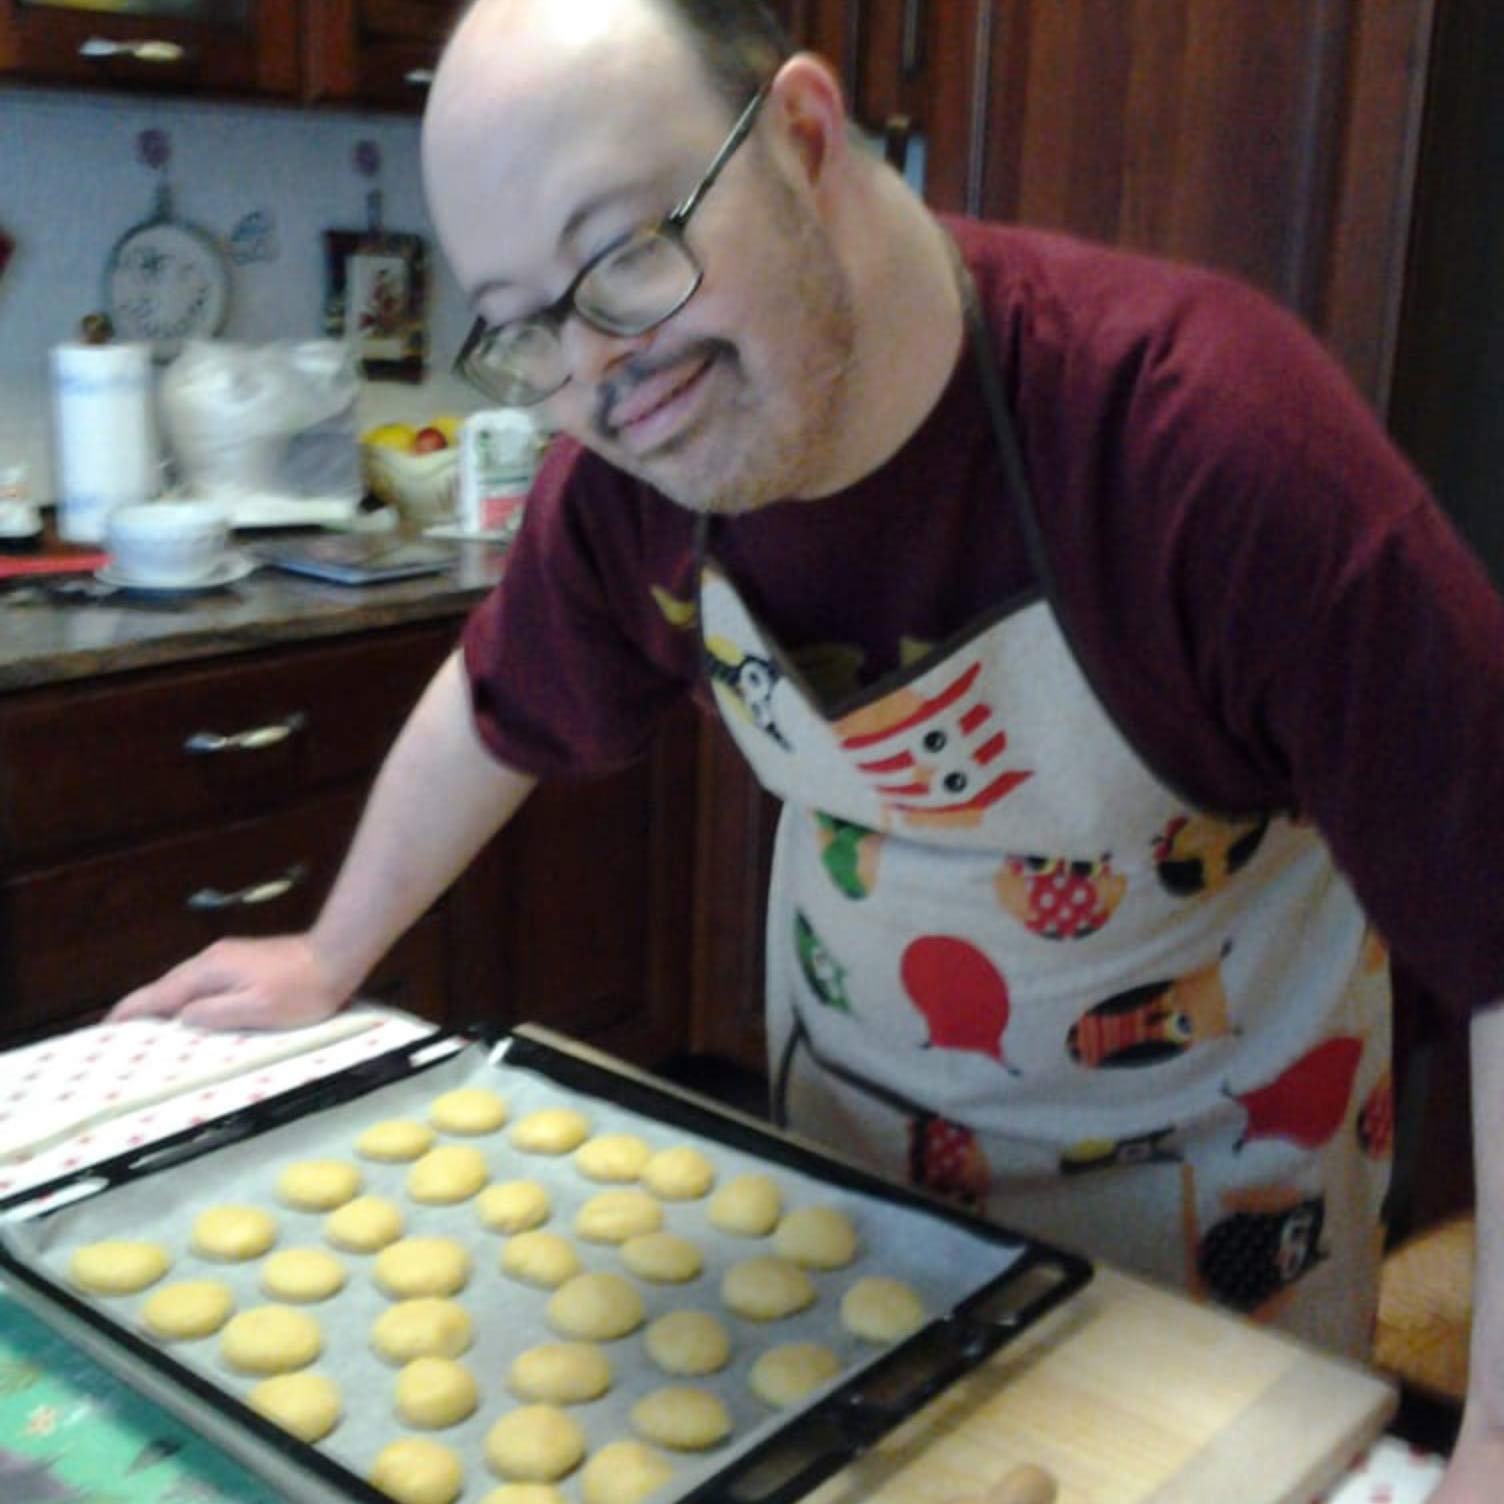 Risveglio - lezioni cucina - biscotti